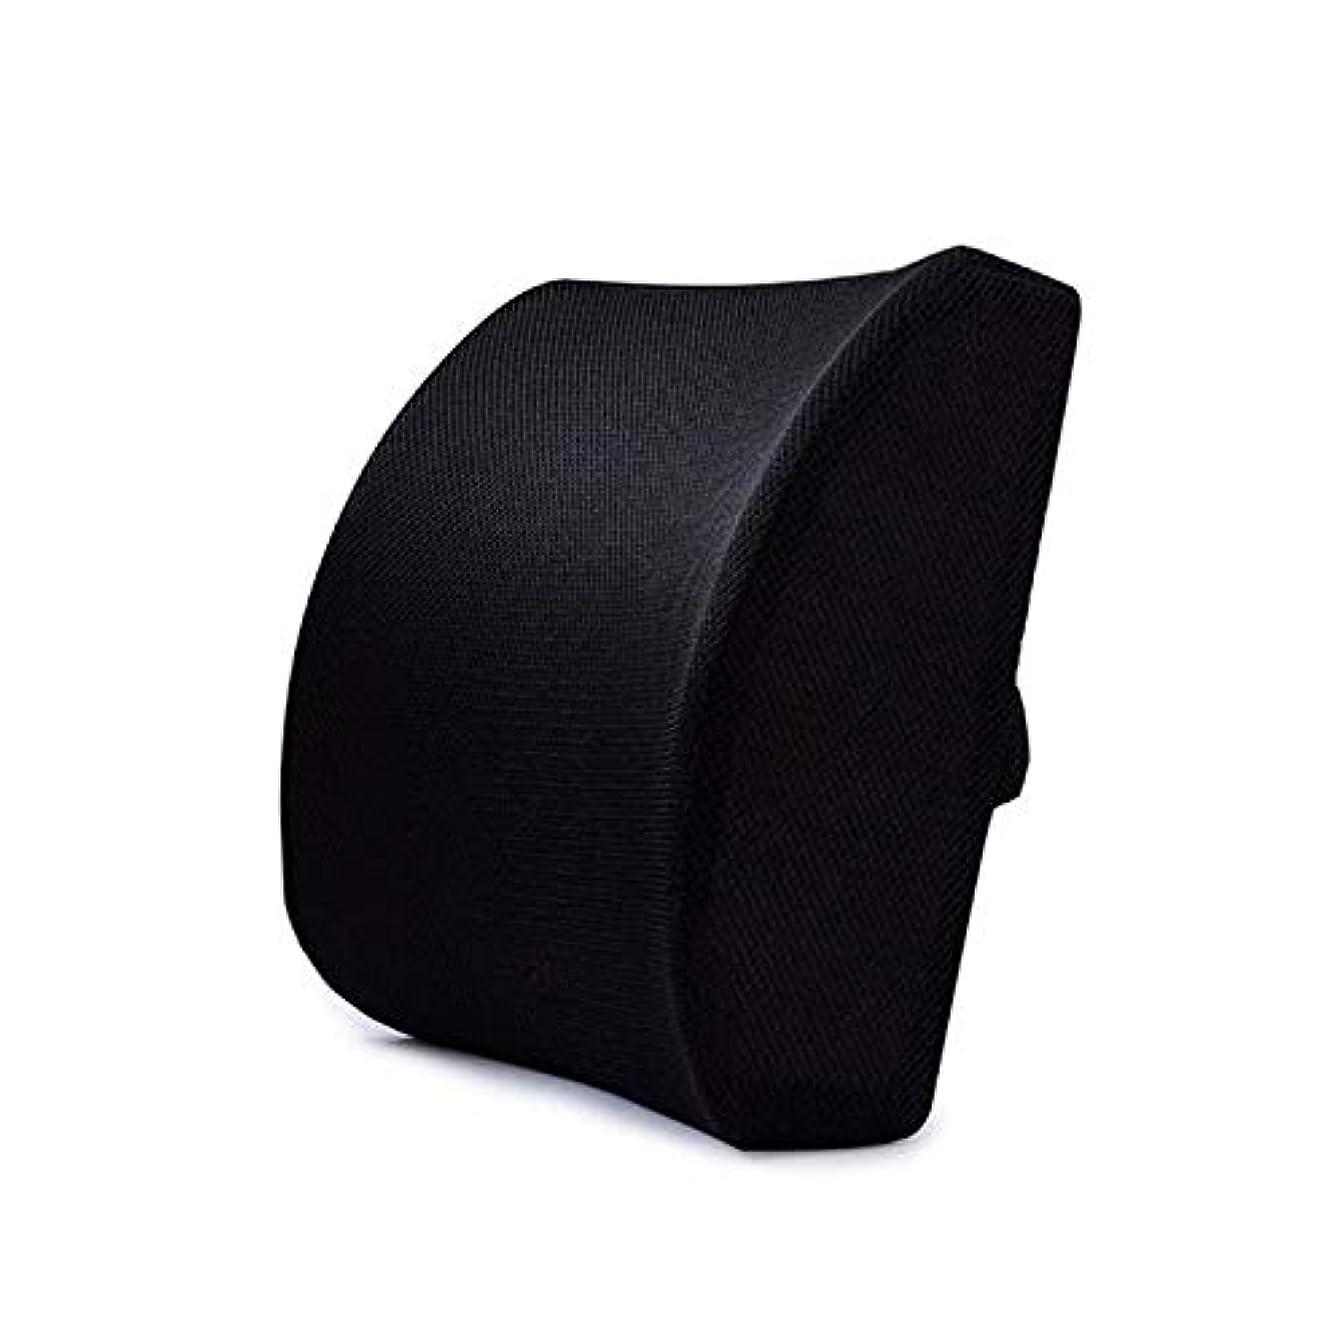 製造株式テロリストLIFE ホームオフィス背もたれ椅子腰椎クッションカーシートネック枕 3D 低反発サポートバックマッサージウエストレスリビング枕 クッション 椅子